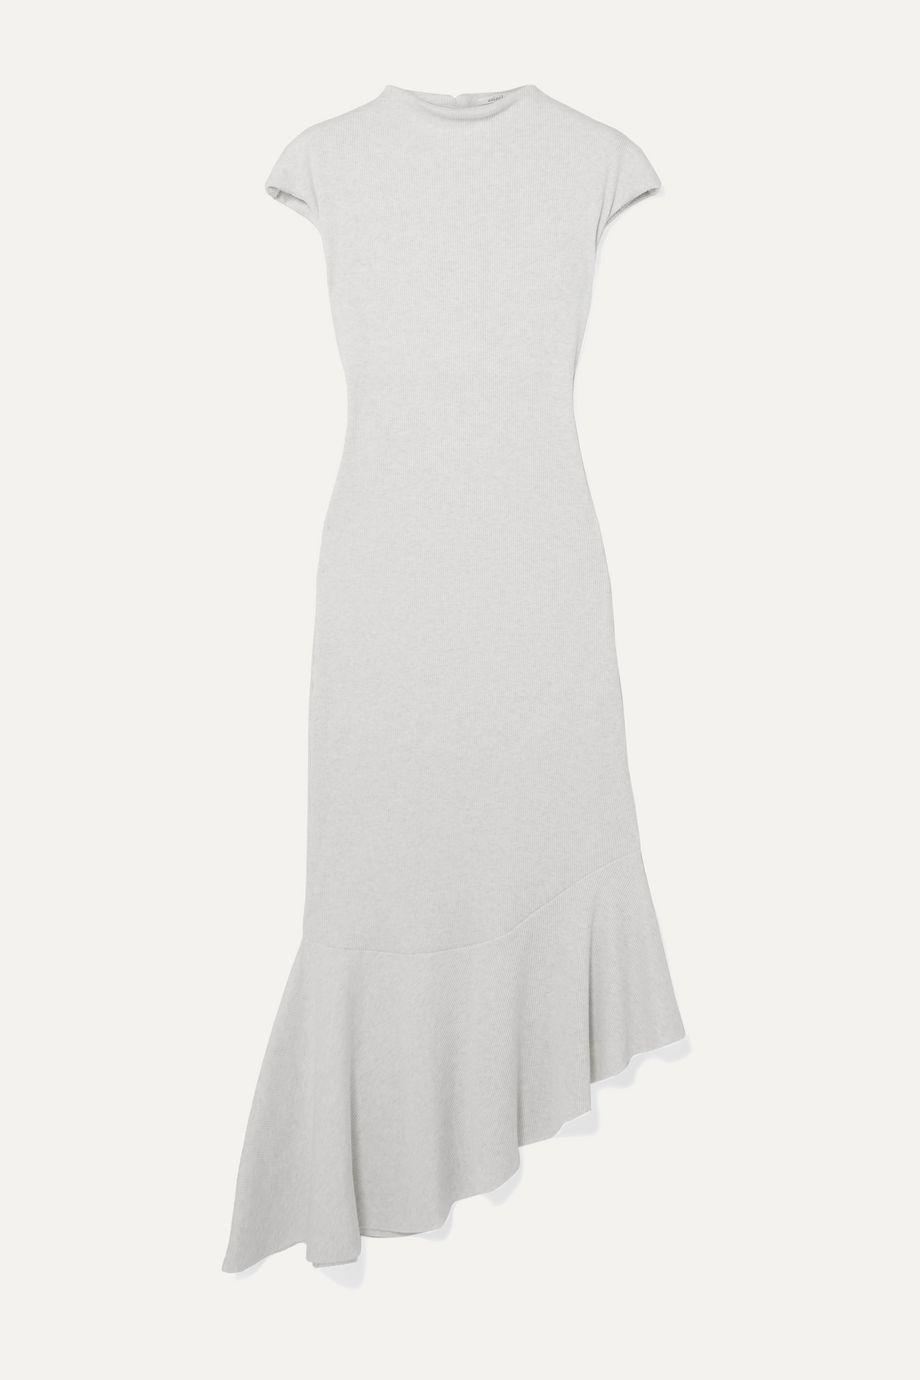 aaizél + NET SUSTAIN asymmetrisches Kleid aus geripptem Jersey aus einer Baumwoll-Modalmischung mit Volant